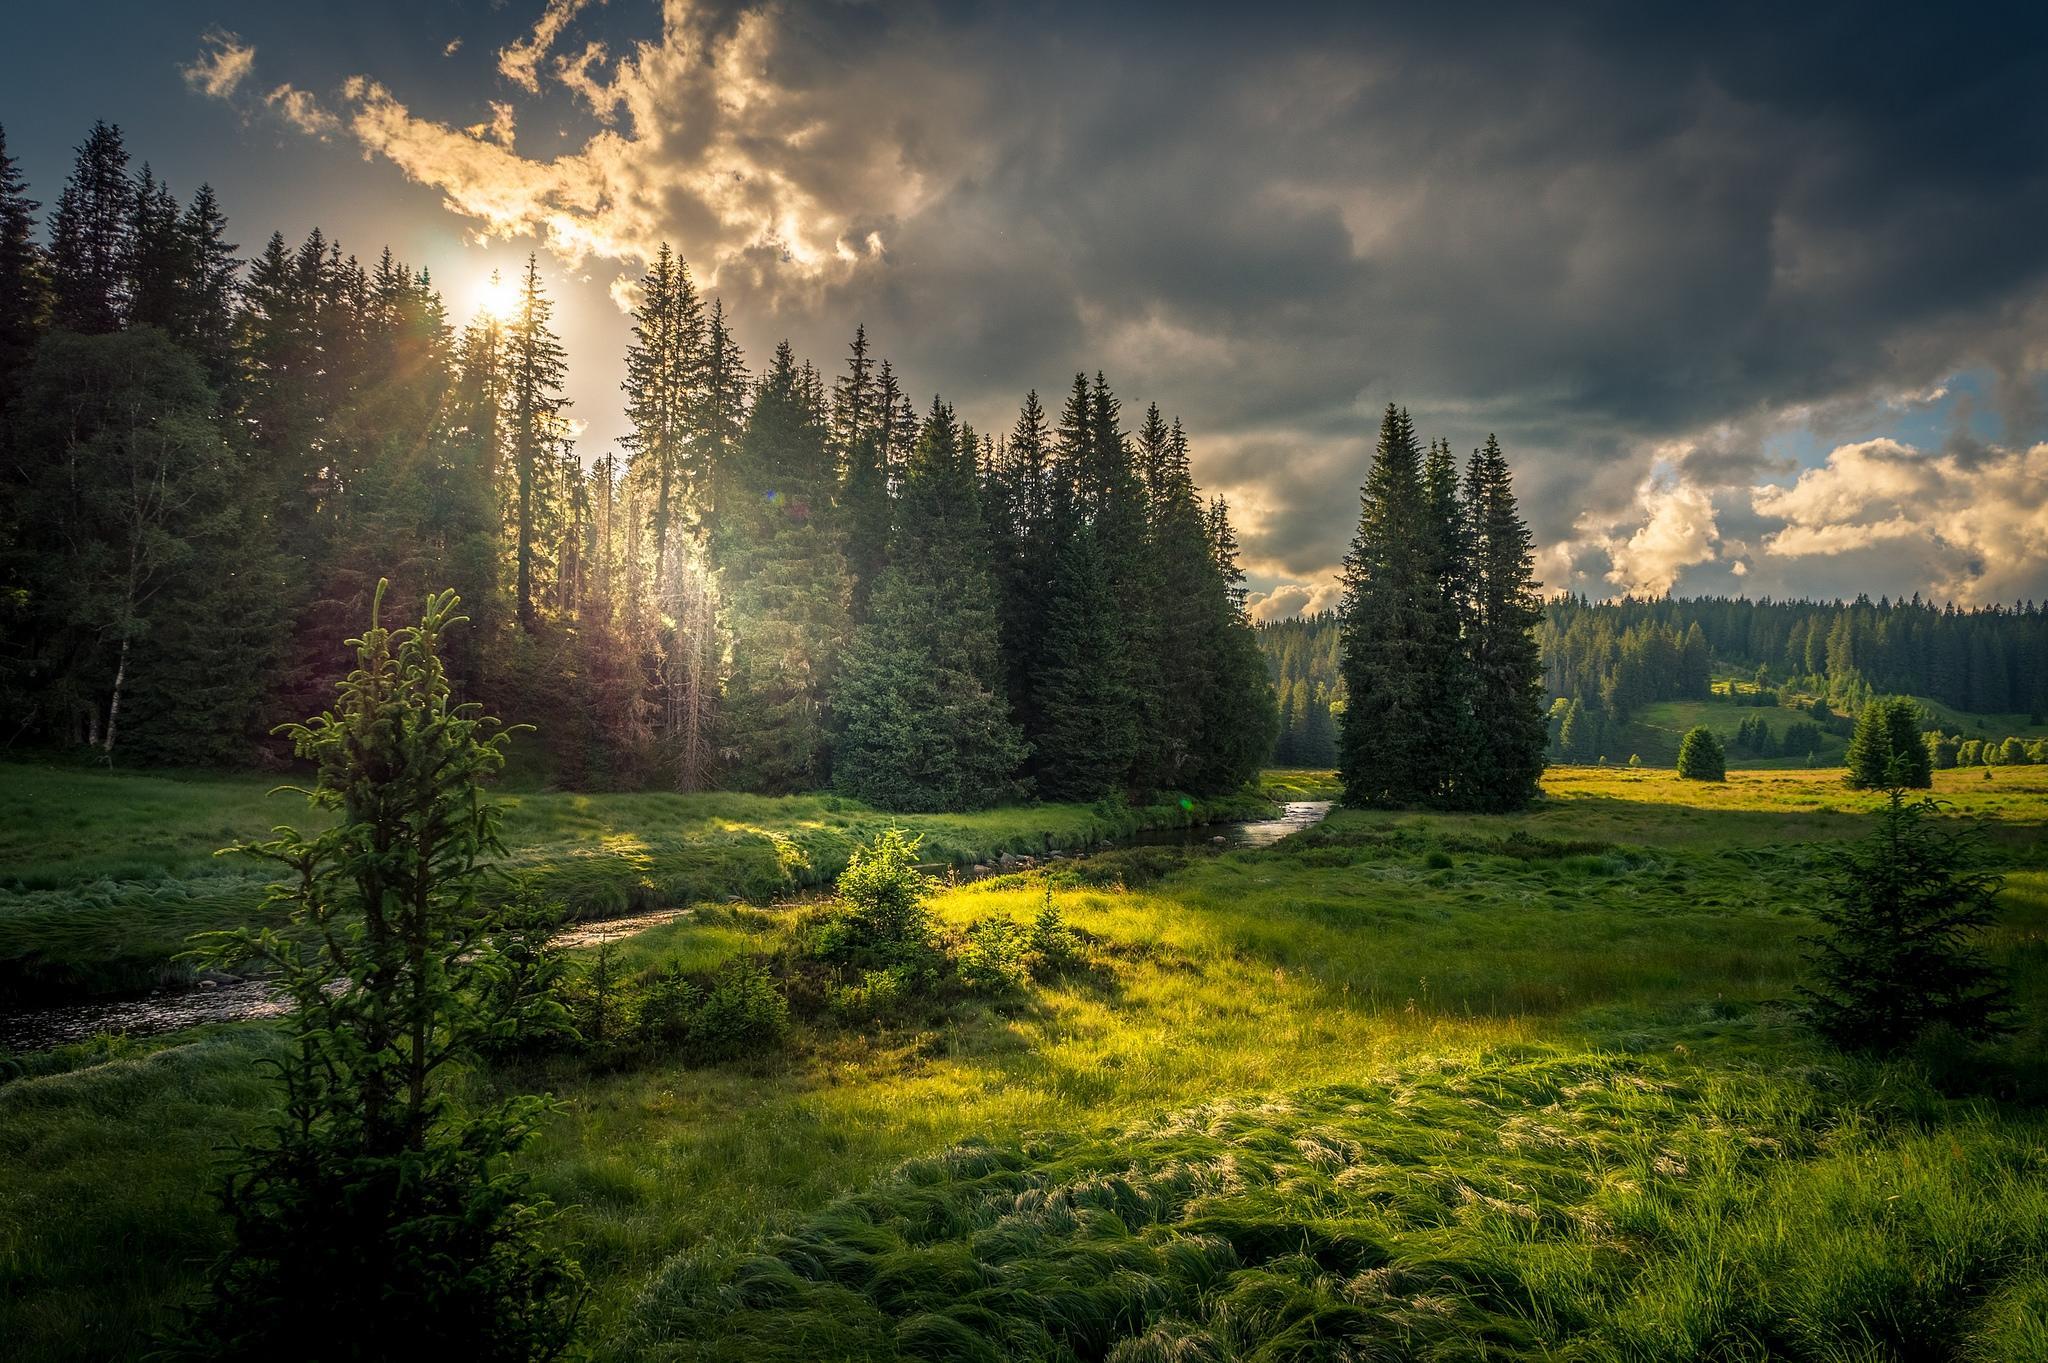 подробнее, как качественные фотографии российского леса неспокойный месяц